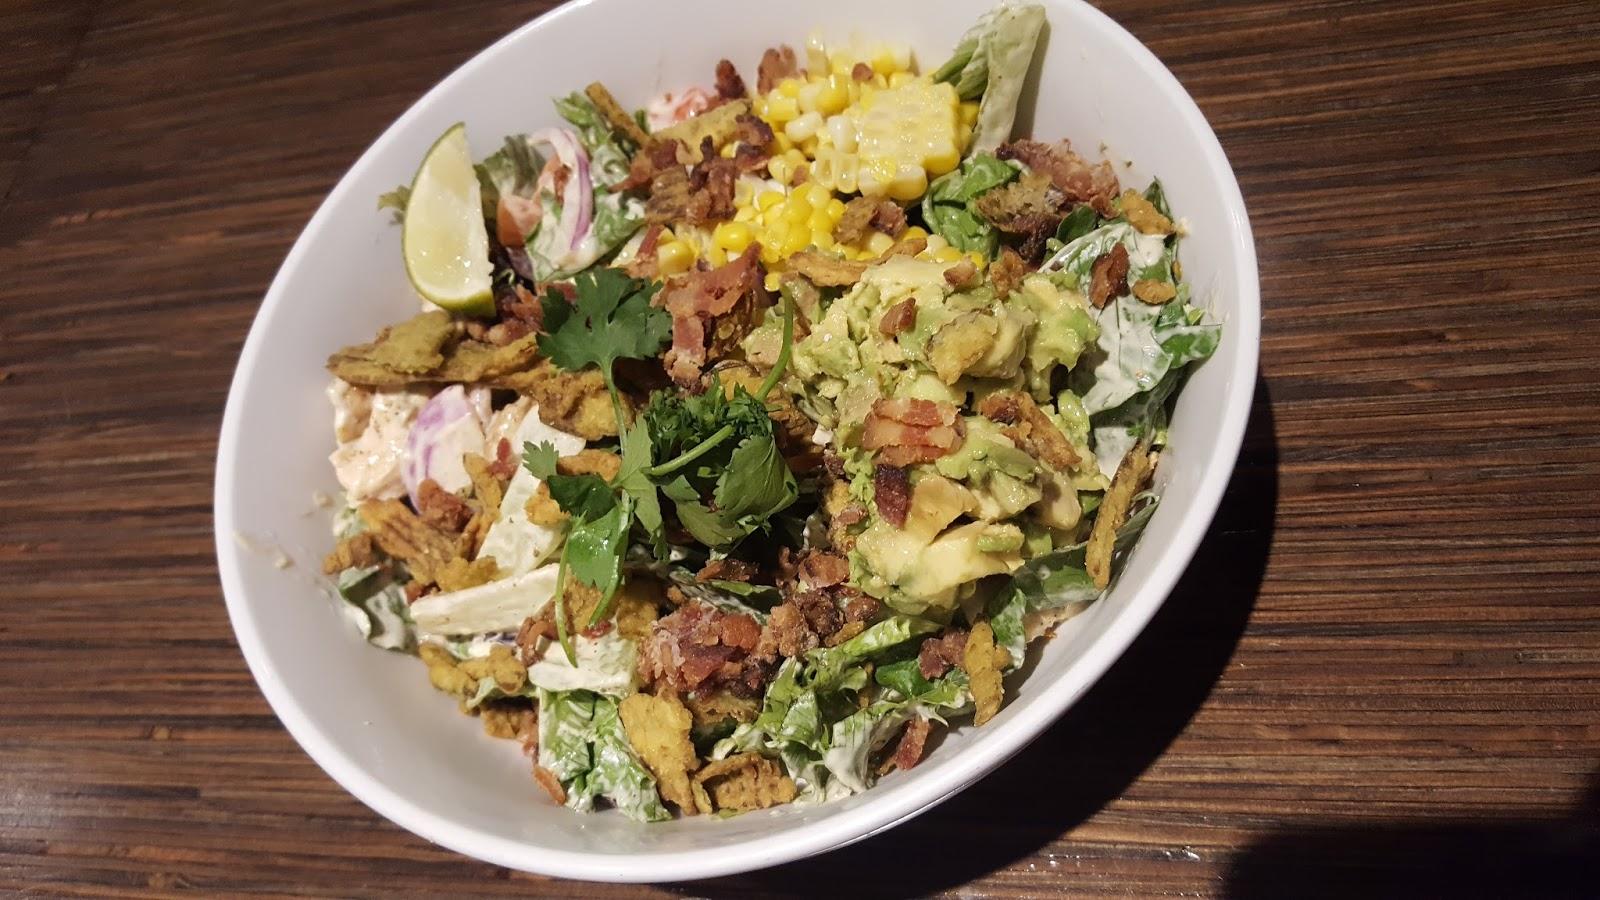 Noodles & Company chicken veracruz salad